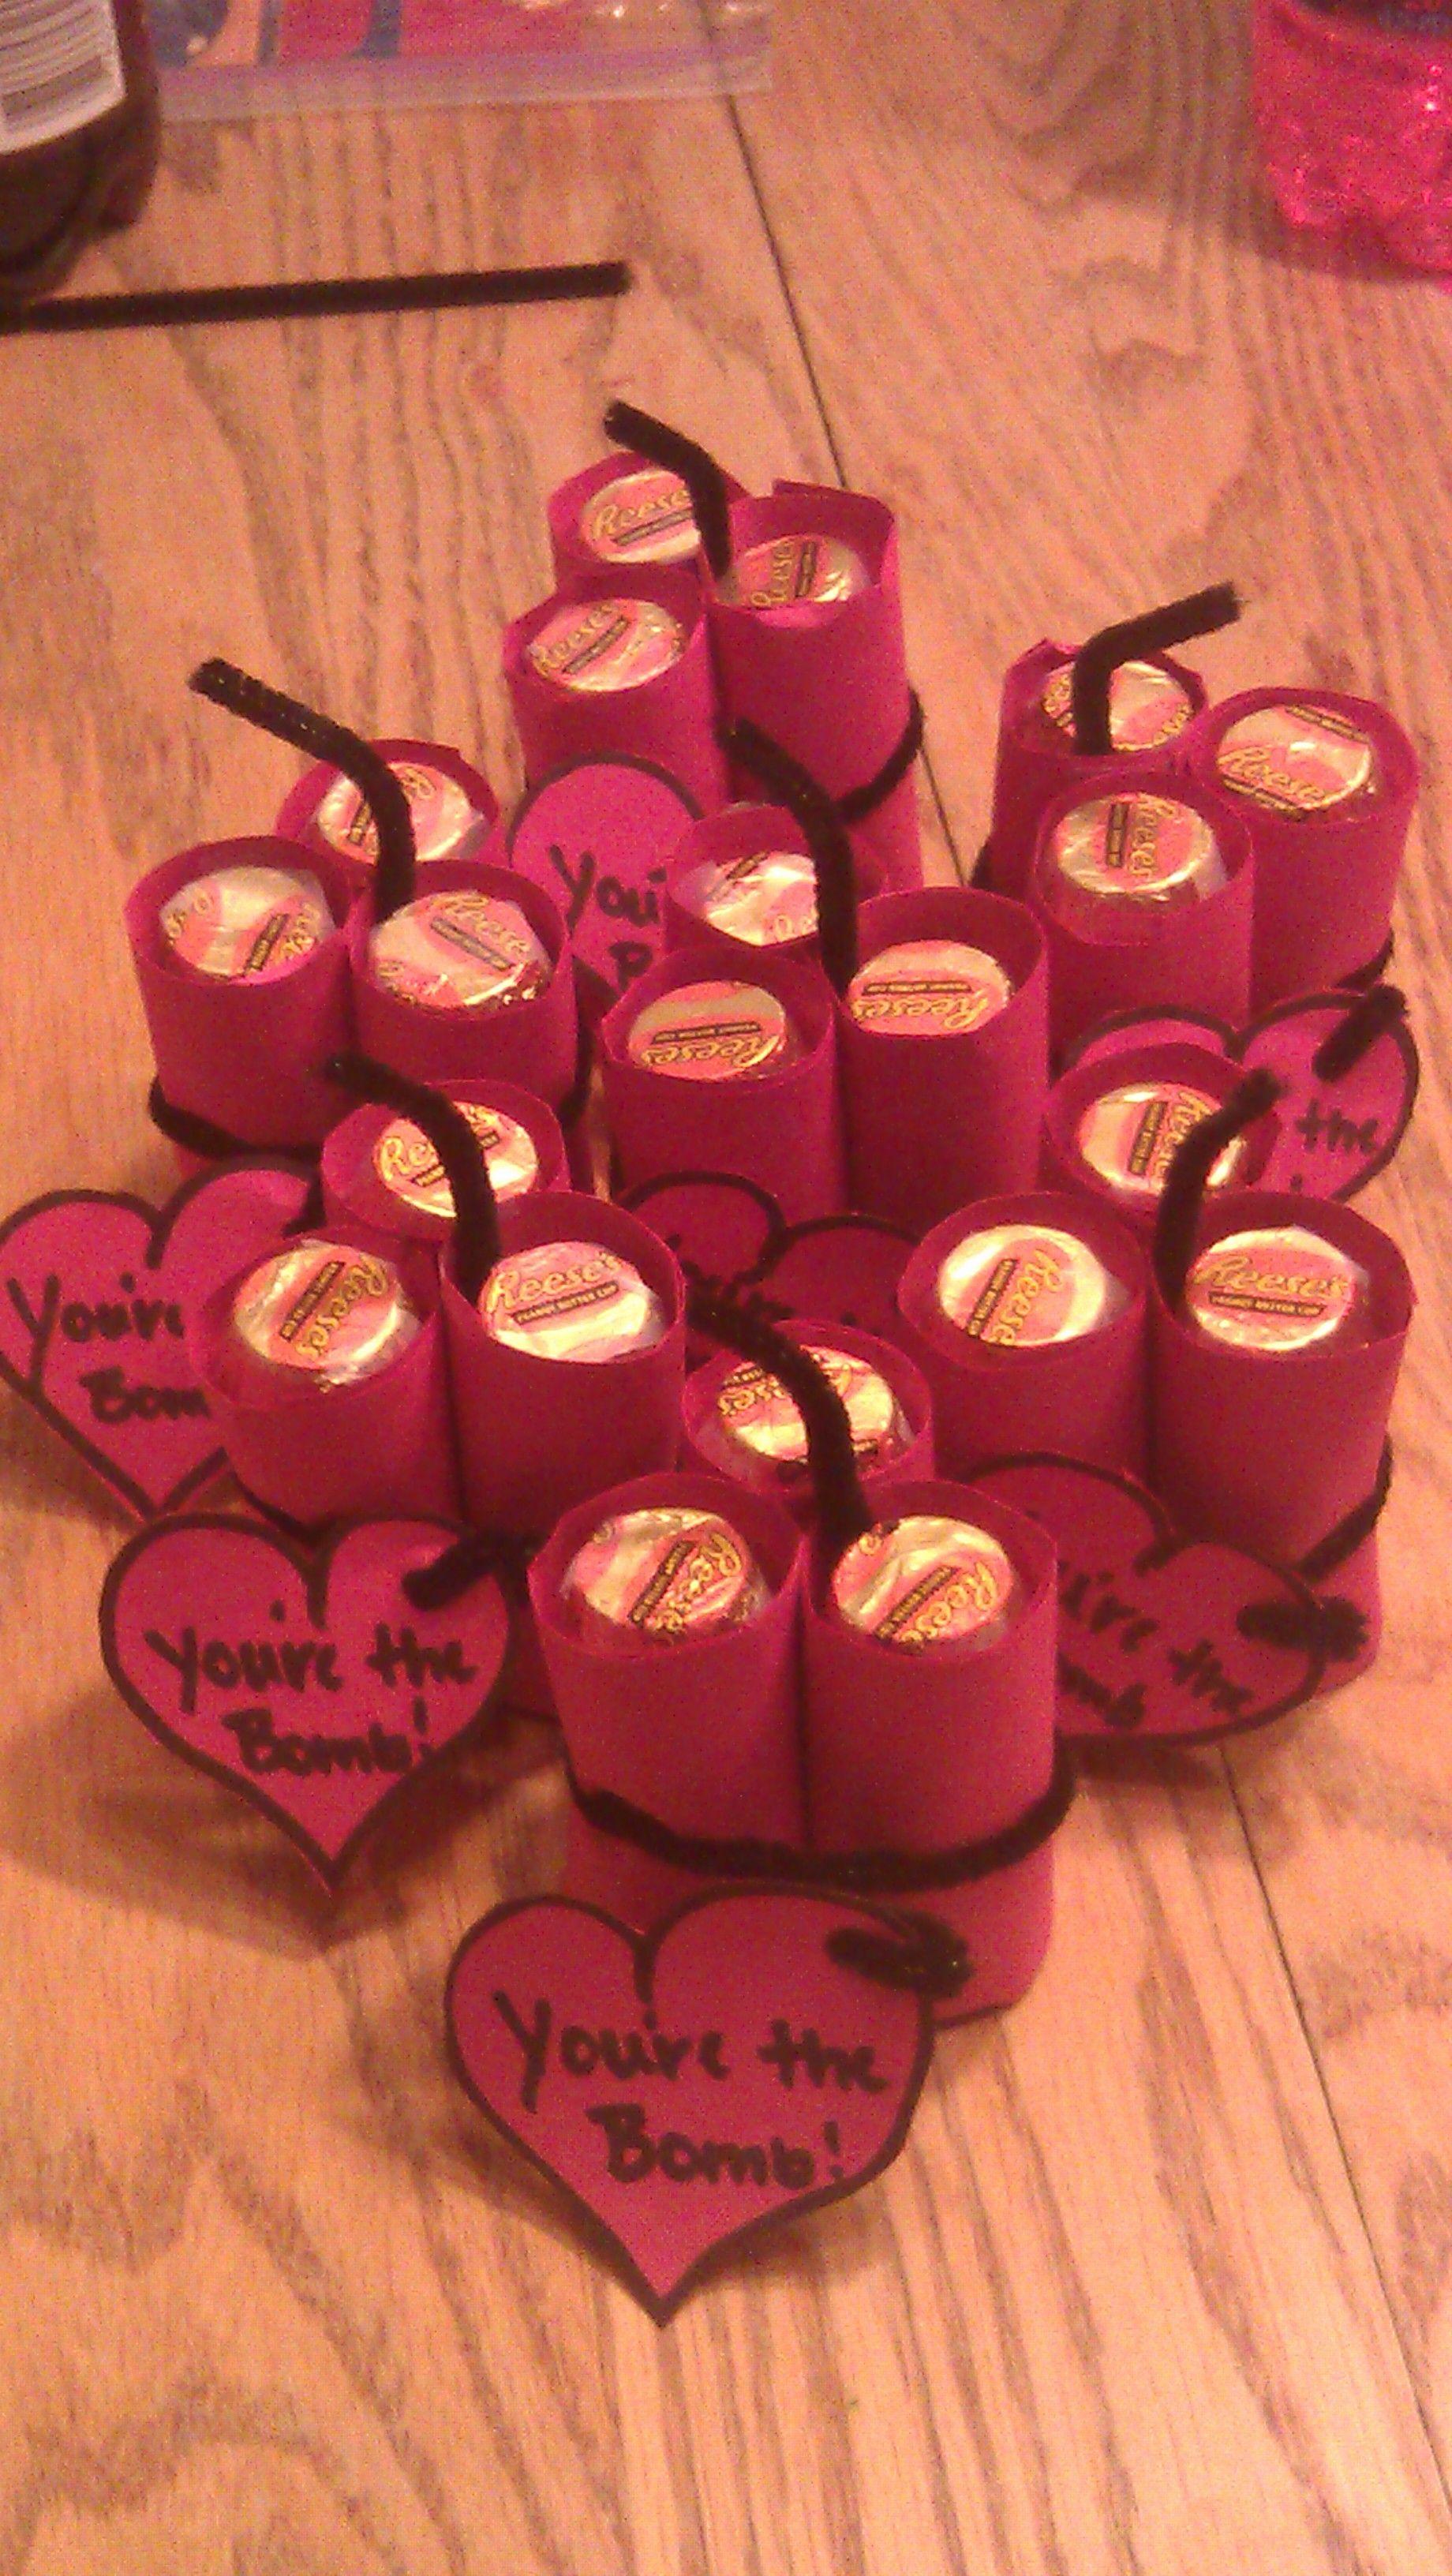 Pinterest Day Ideas Fun San Valentine's CraftDayhab Valentín lFKT1Jc